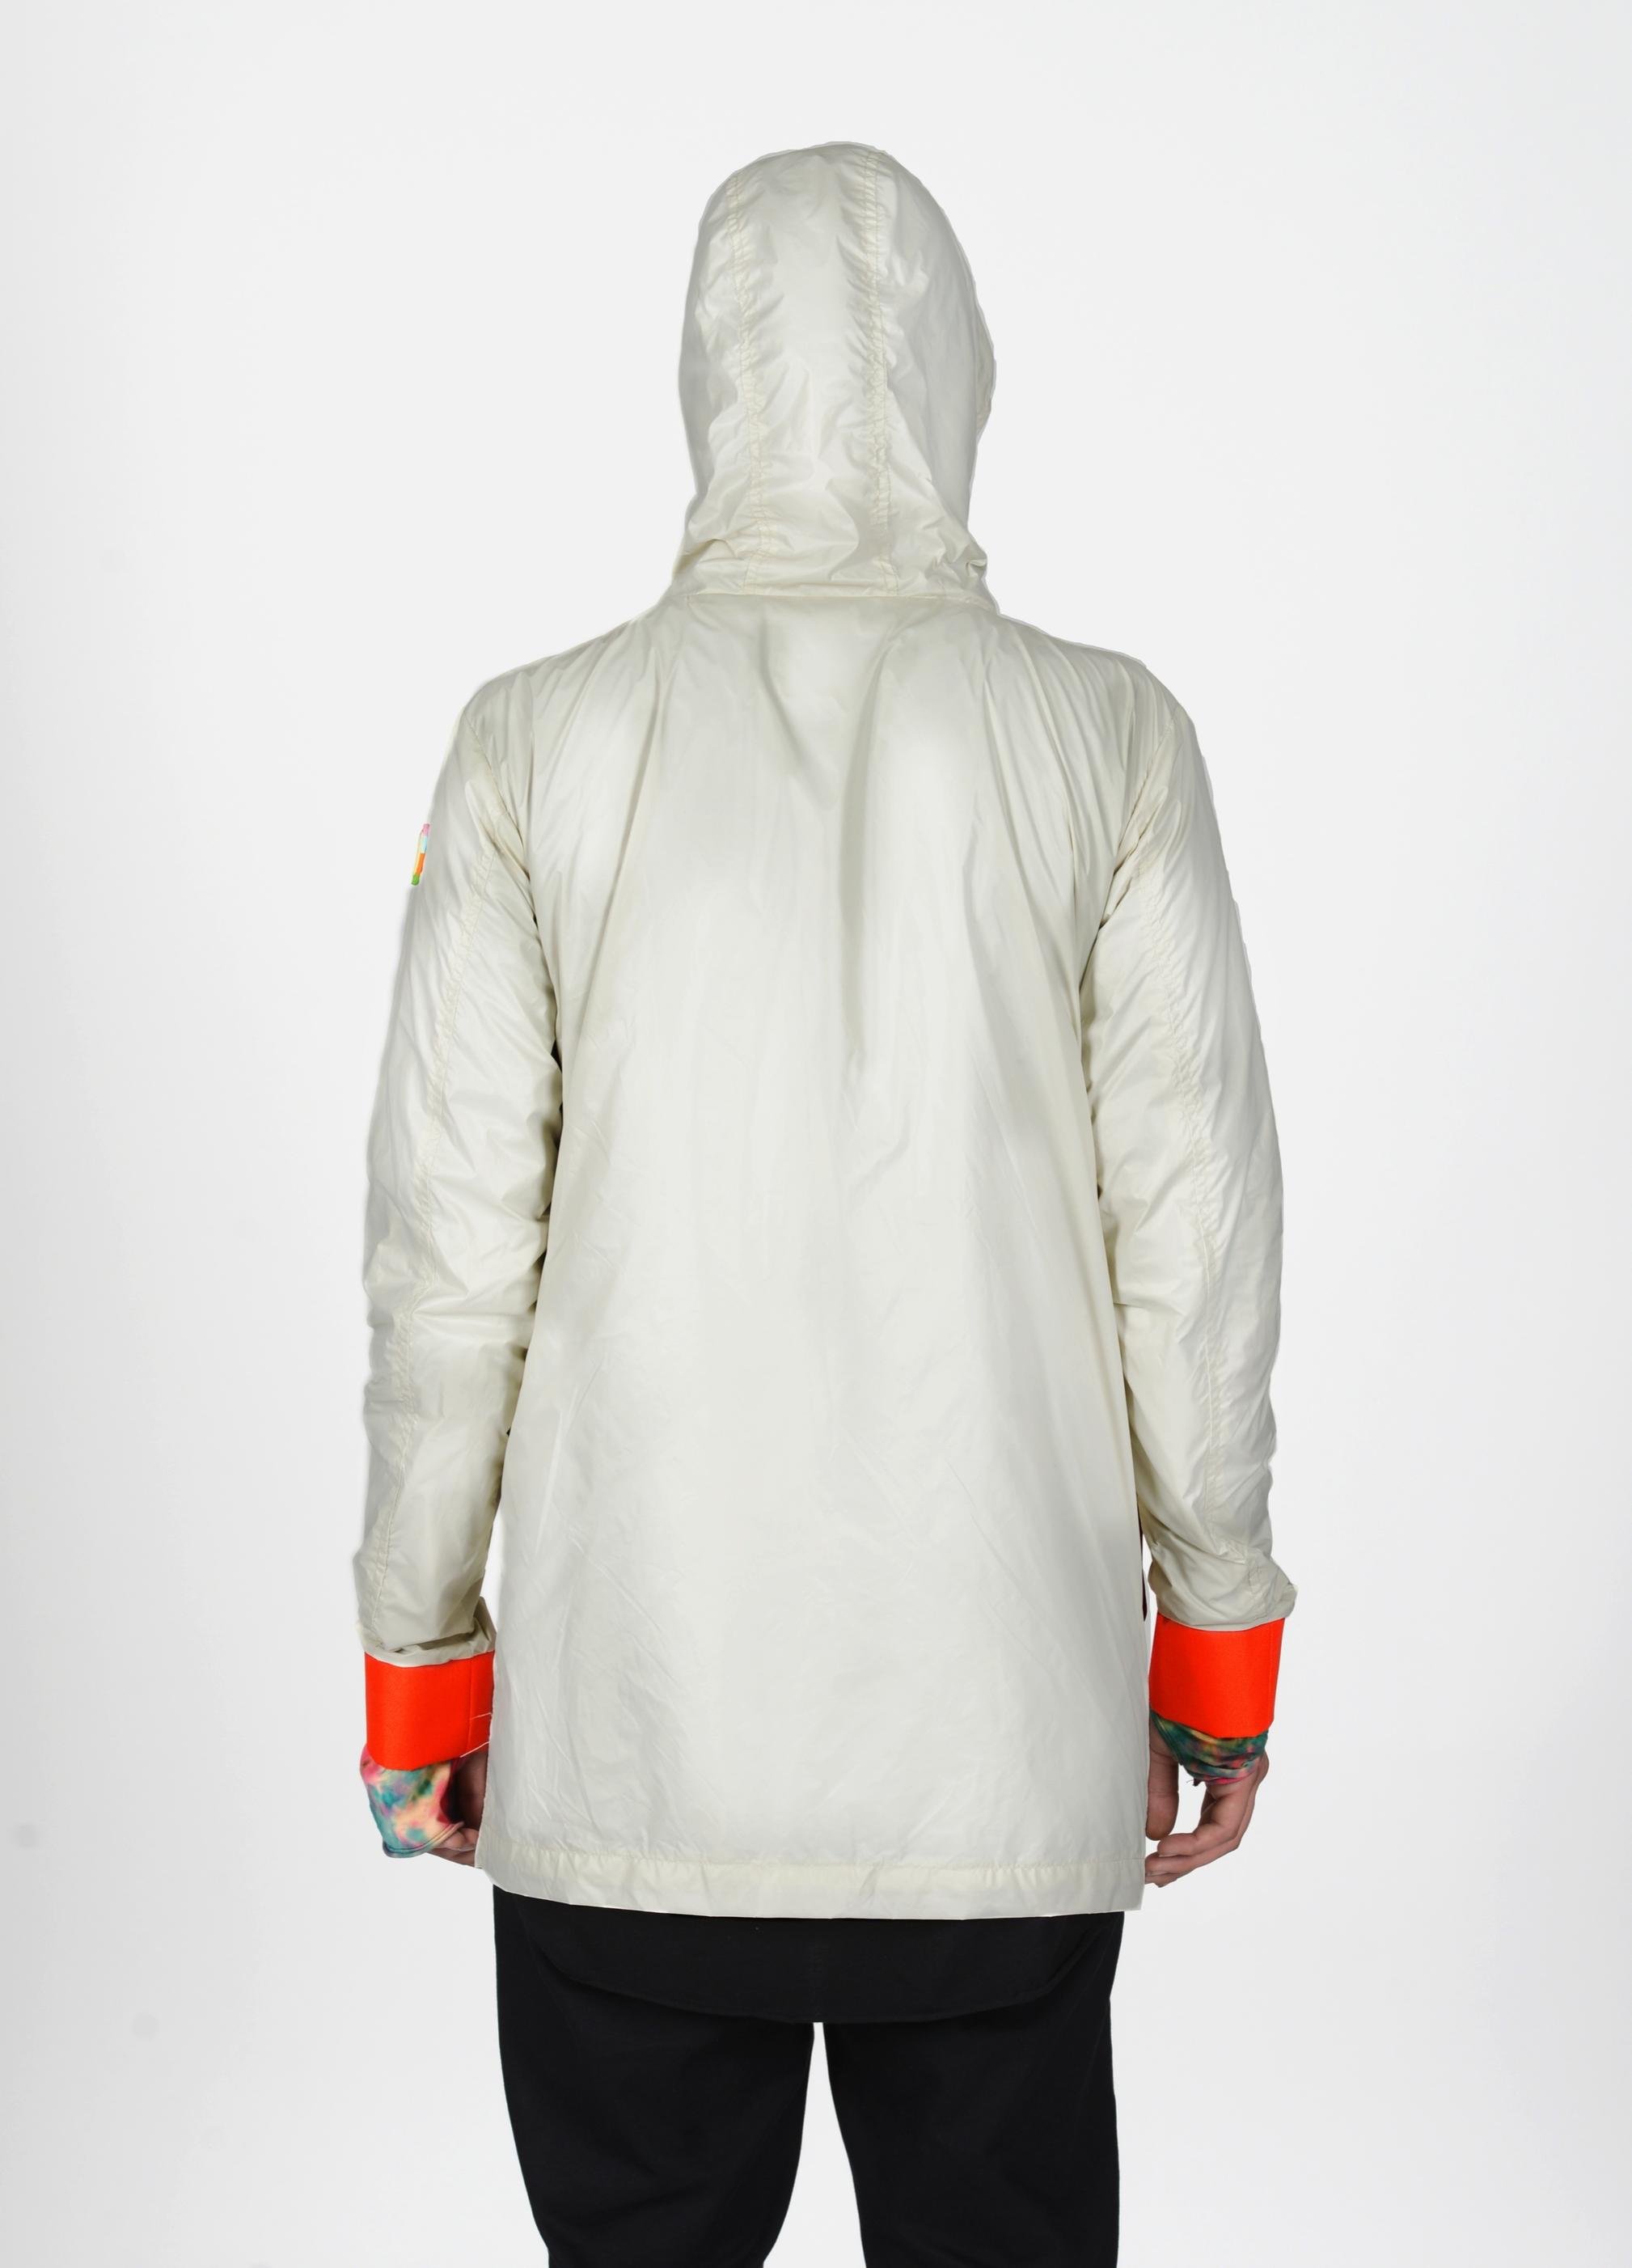 07 Heightened Sense Hoodie Orange Pocket.jpg